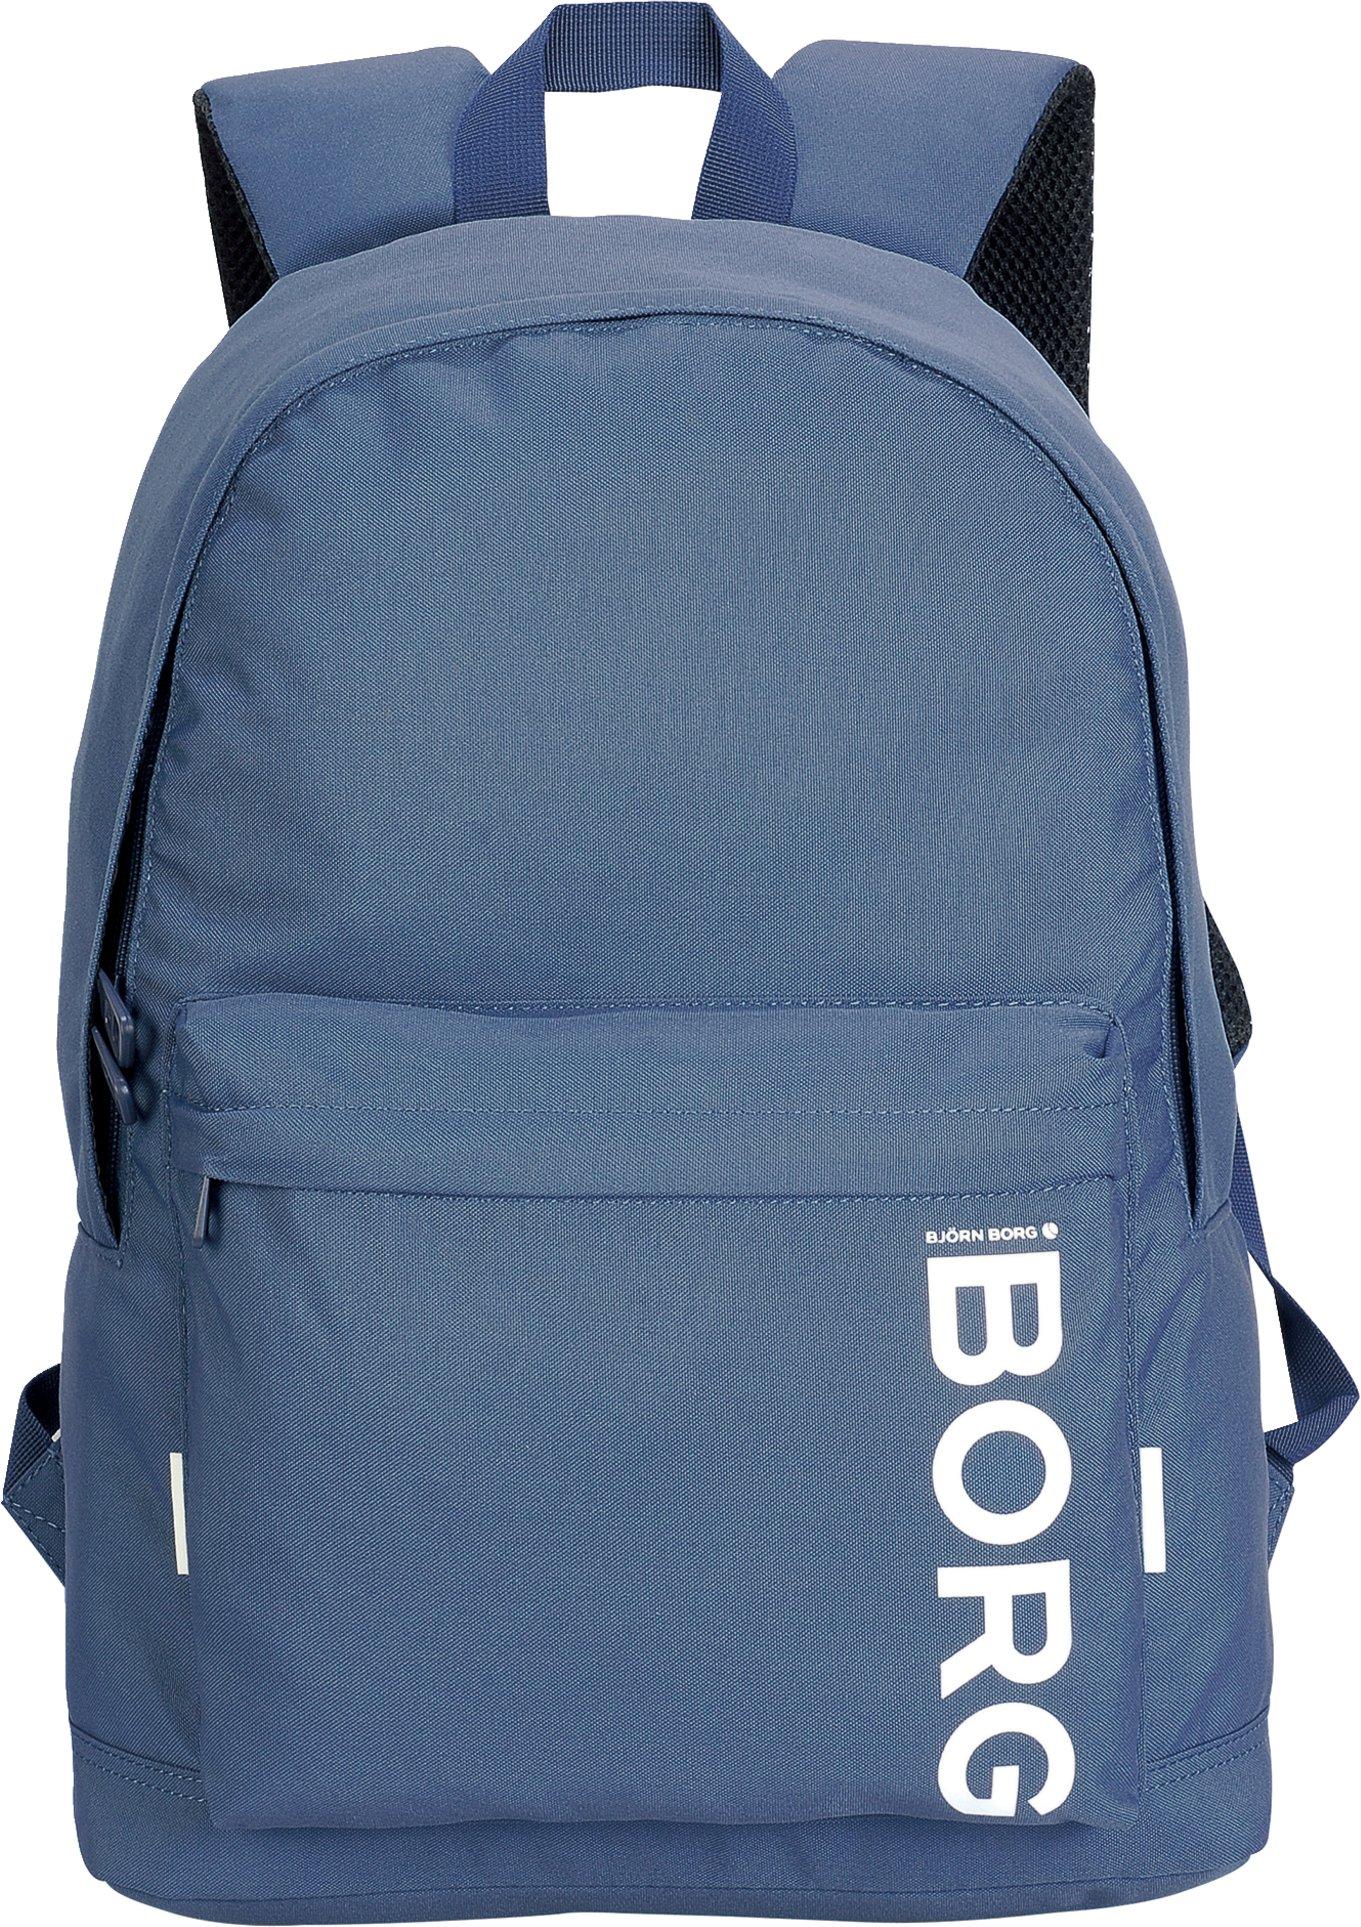 Best pris på Björn Borg Core 7000 Se priser før kjøp i